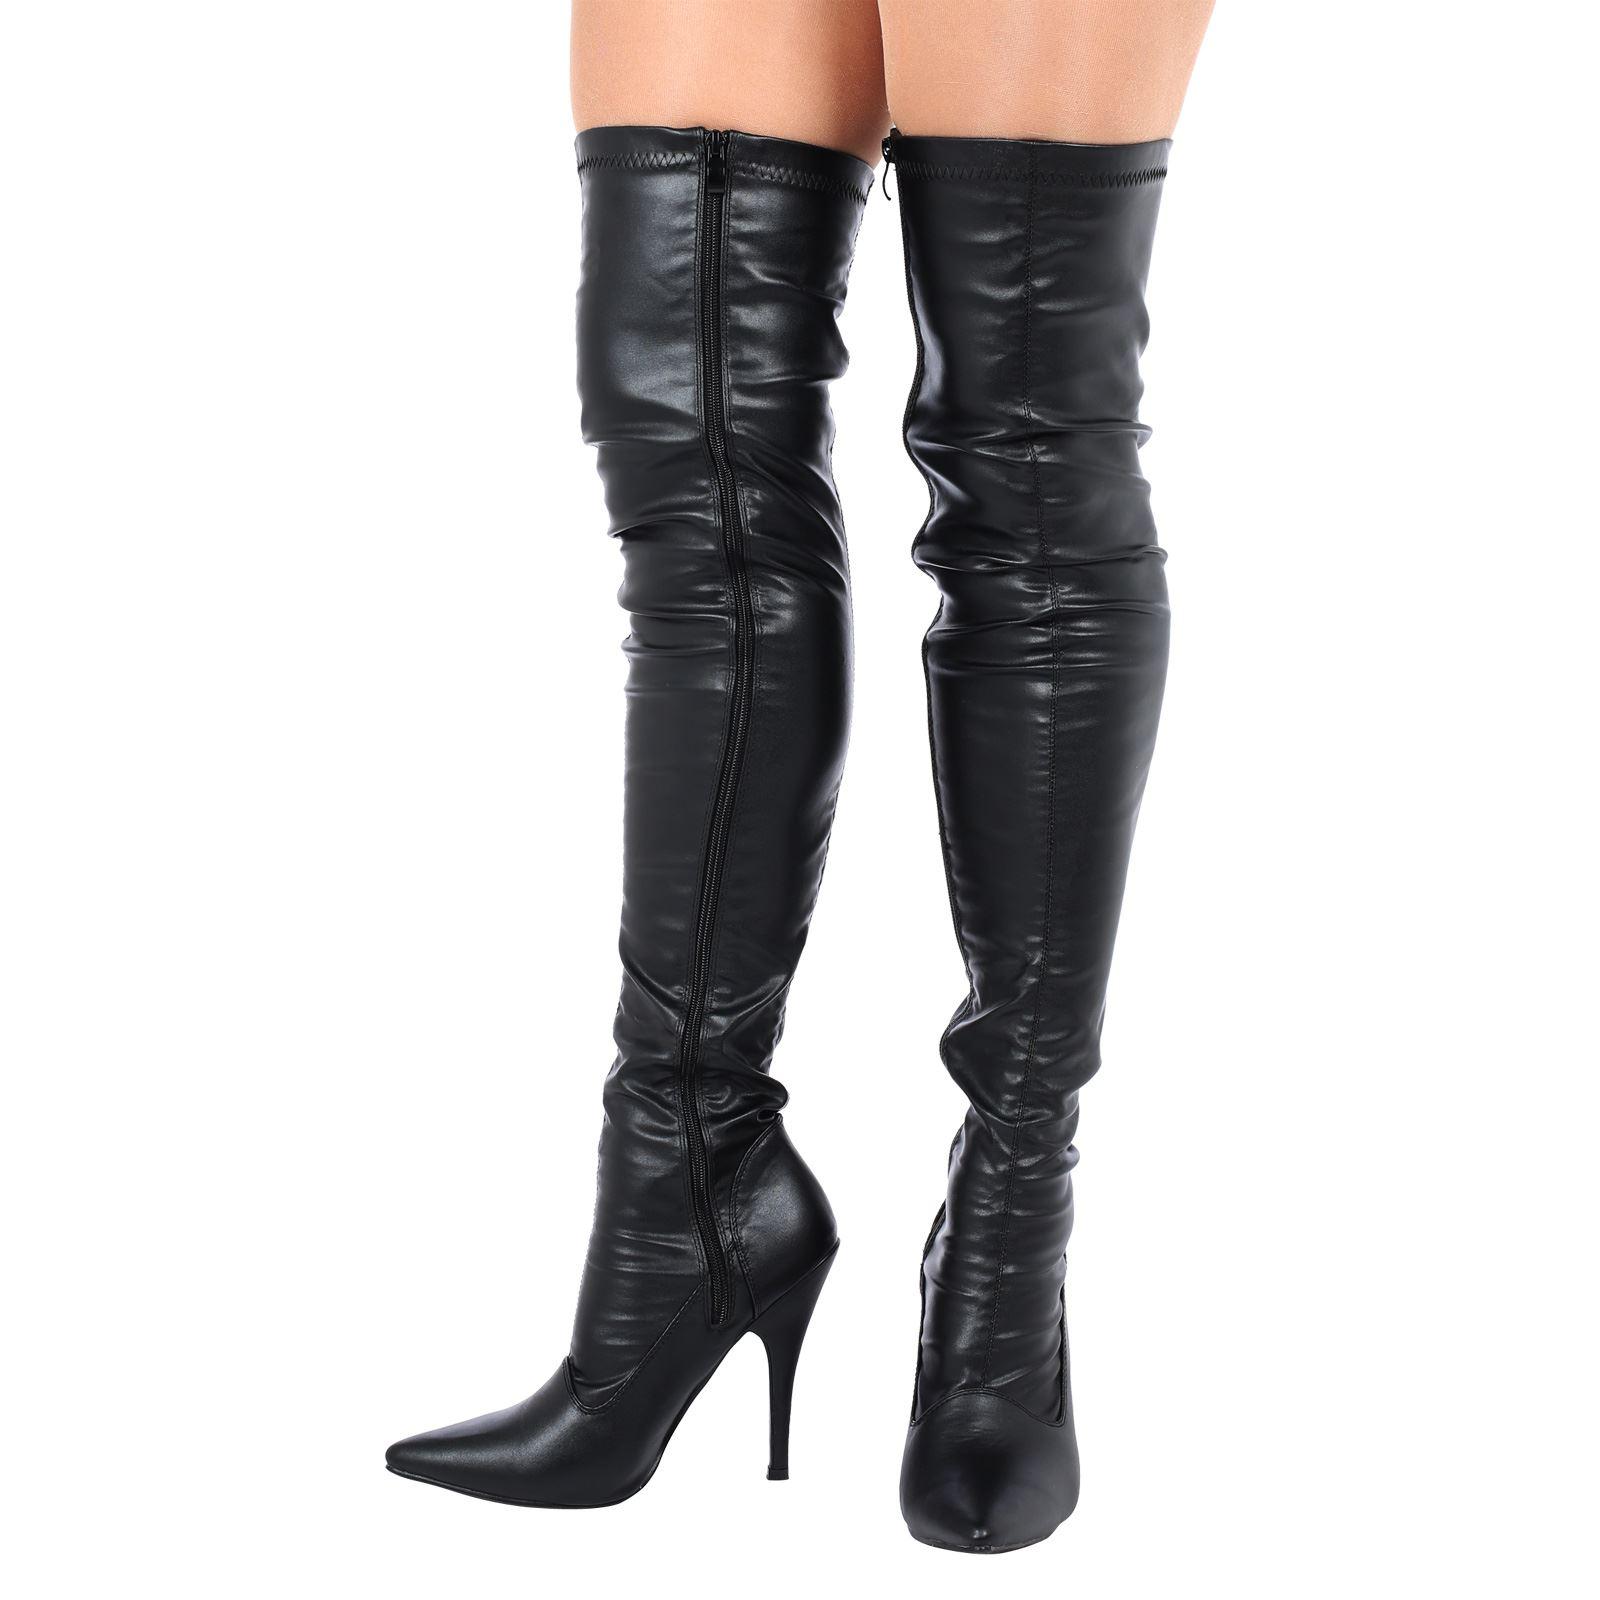 Para-mujeres-Damas-Alto-del-muslo-sobre-la-rodilla-Taco-Stiletto-Cremallera-Botas-Altas-Talla-Nuevo